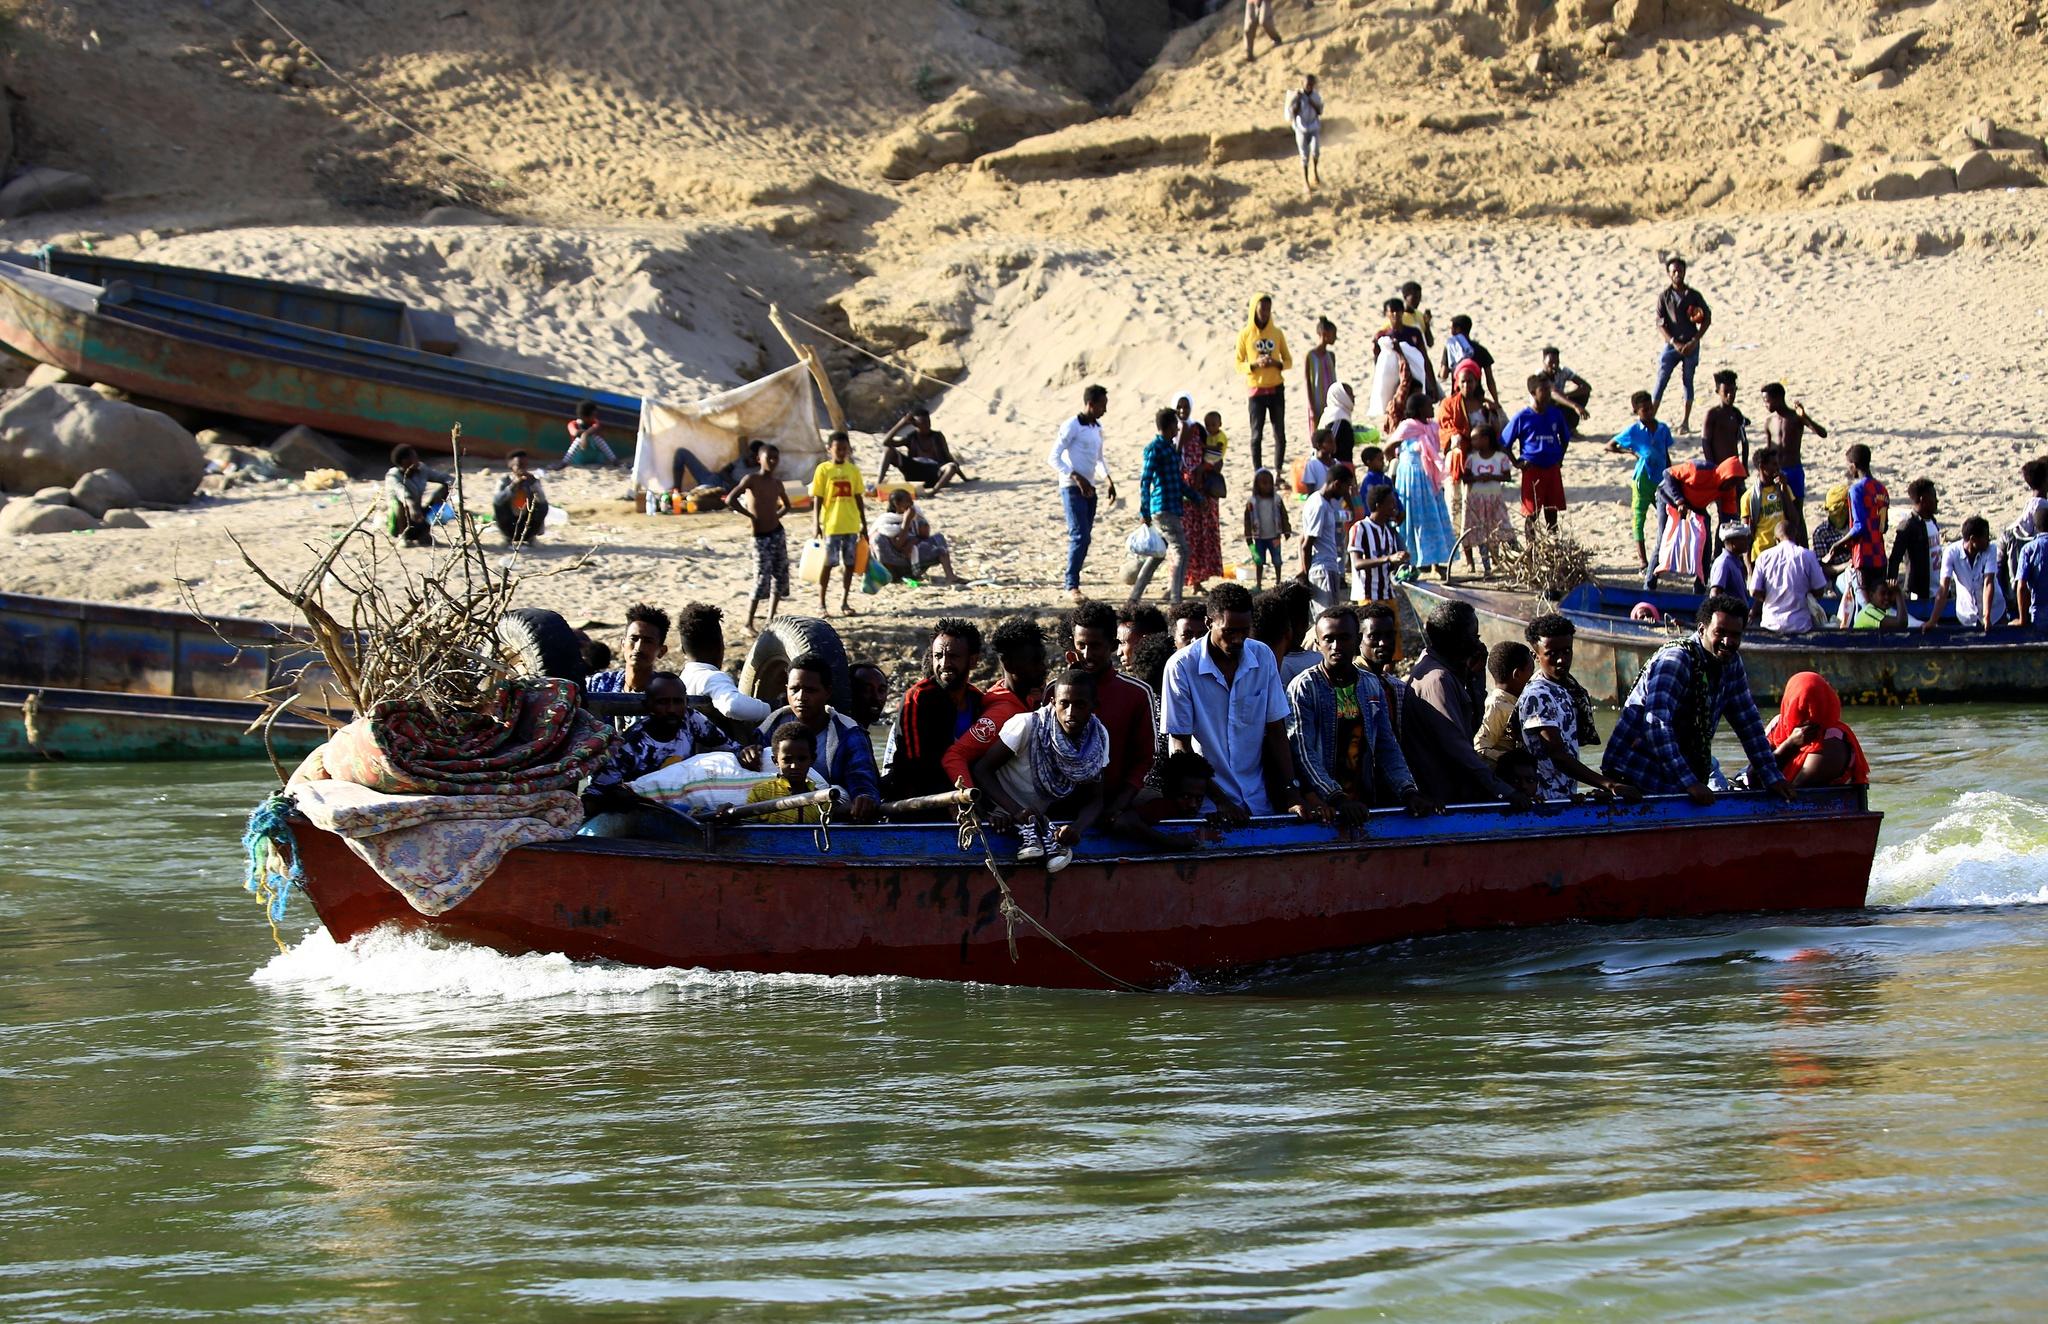 África: 30 corpos são encontrados flutuando em rio entre Sudão e Etiópia